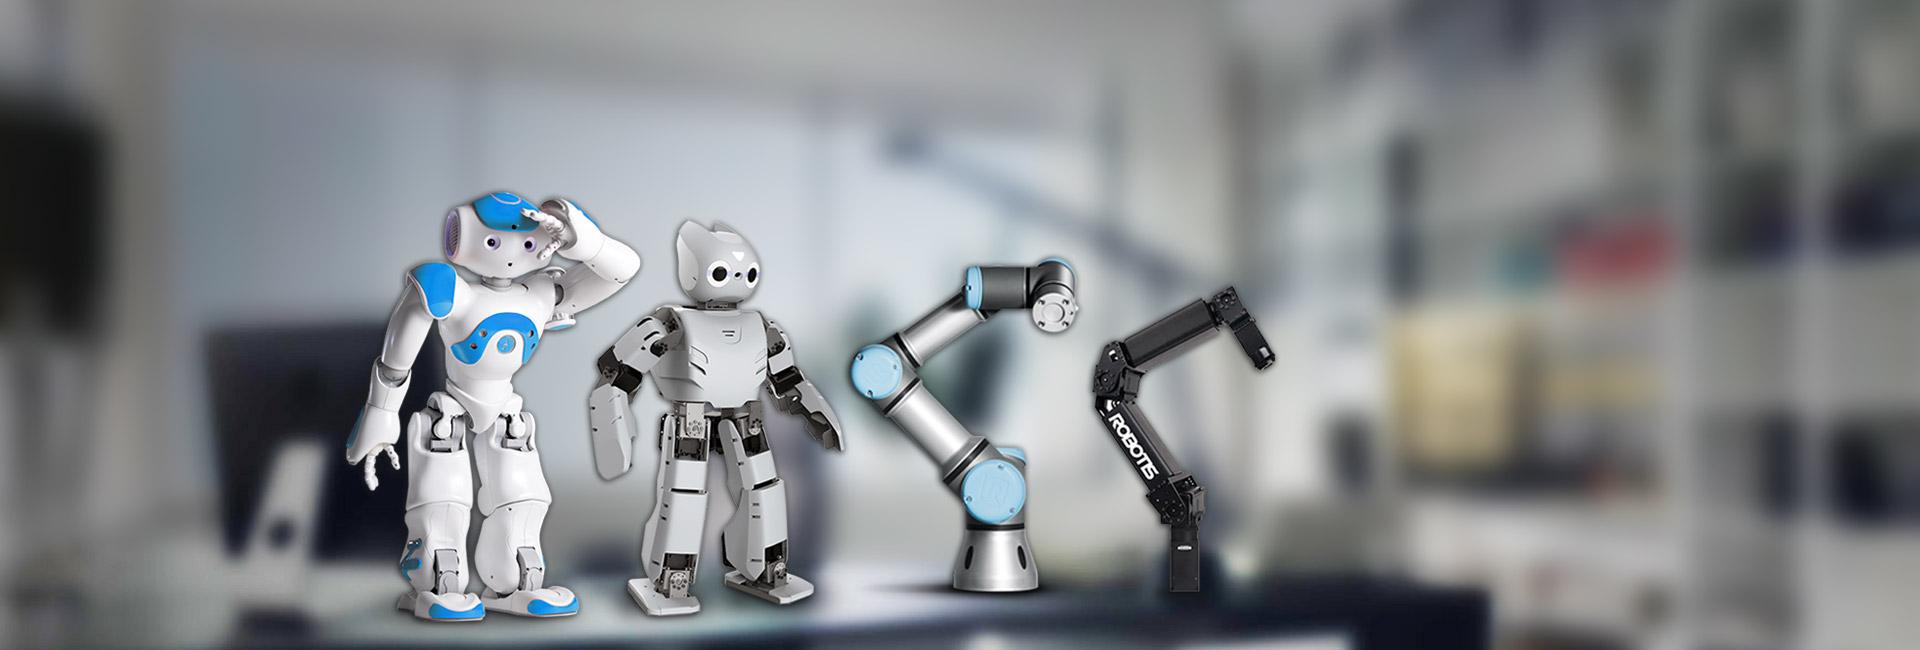 پلتفورم رباتیک ربات انسان نما بازوی رباتیک صنعتی و پژوهشی